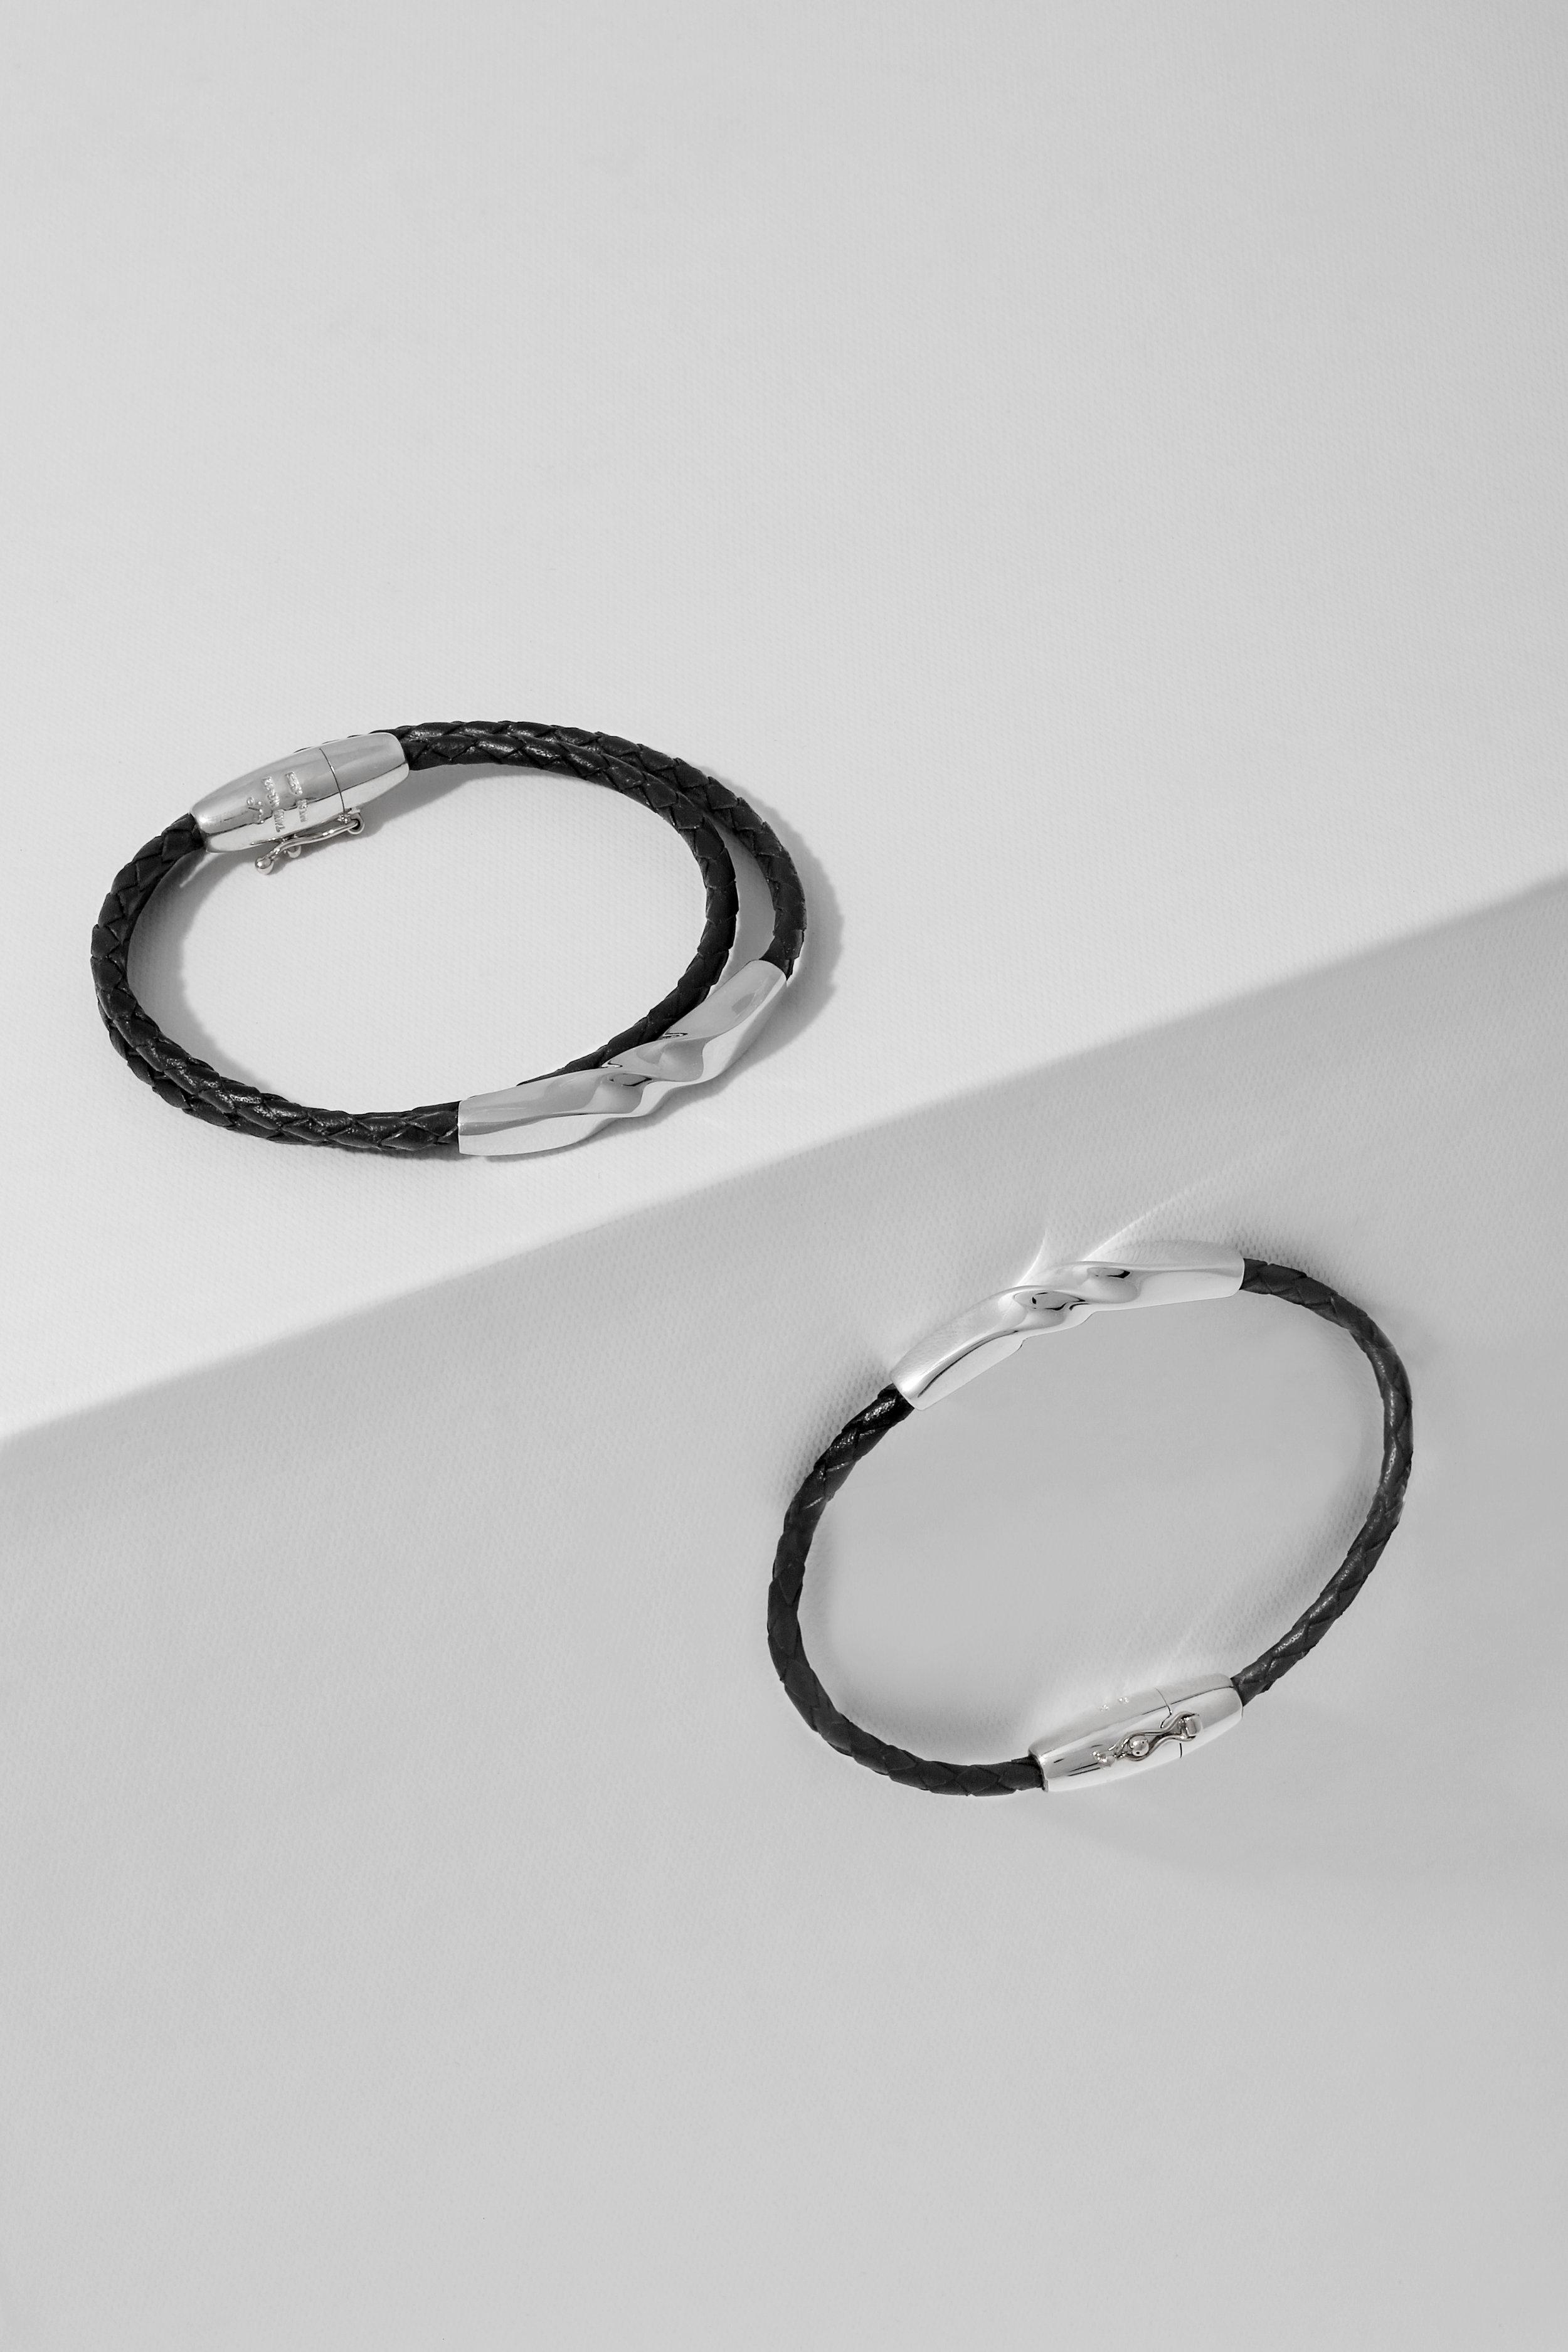 Tane bracelets